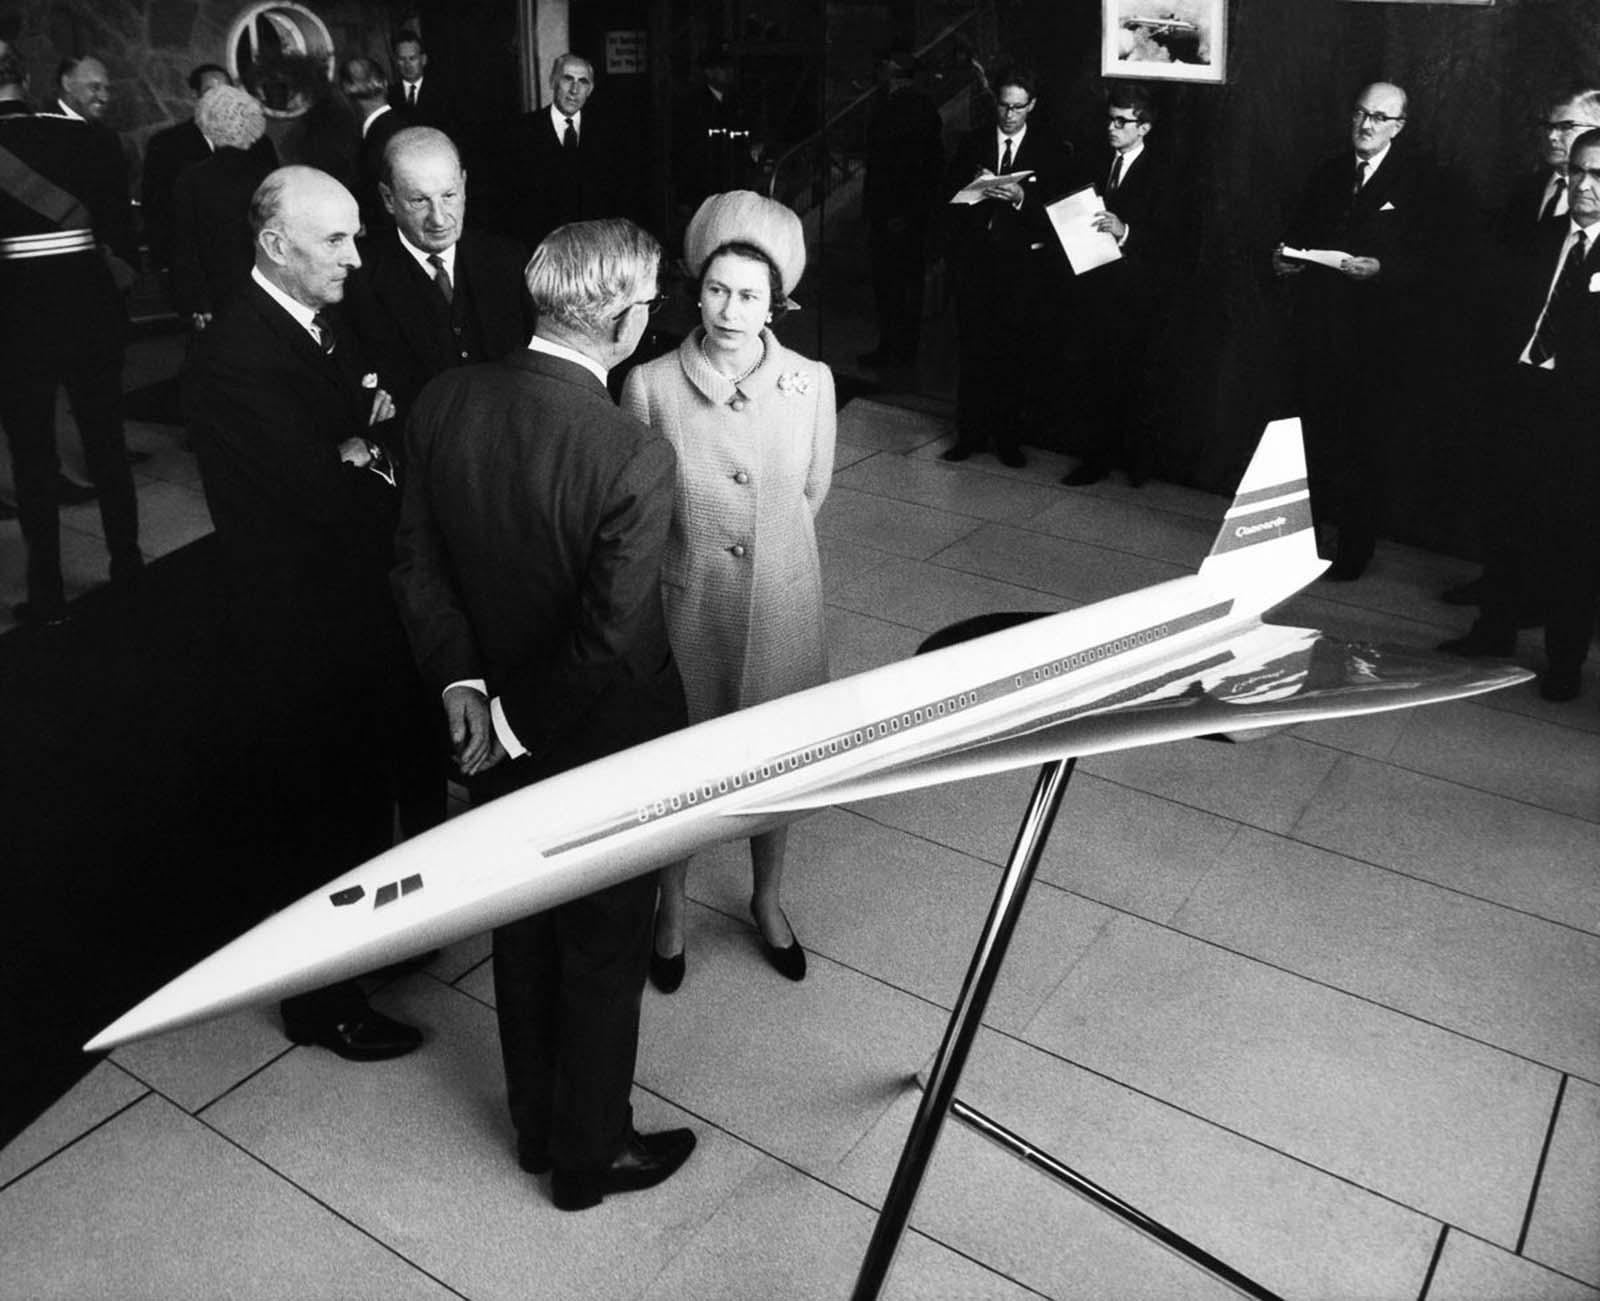 II. Erzsébet királynő meglátogatja azt a gyárat, ahol a Concorde készül.  1966.